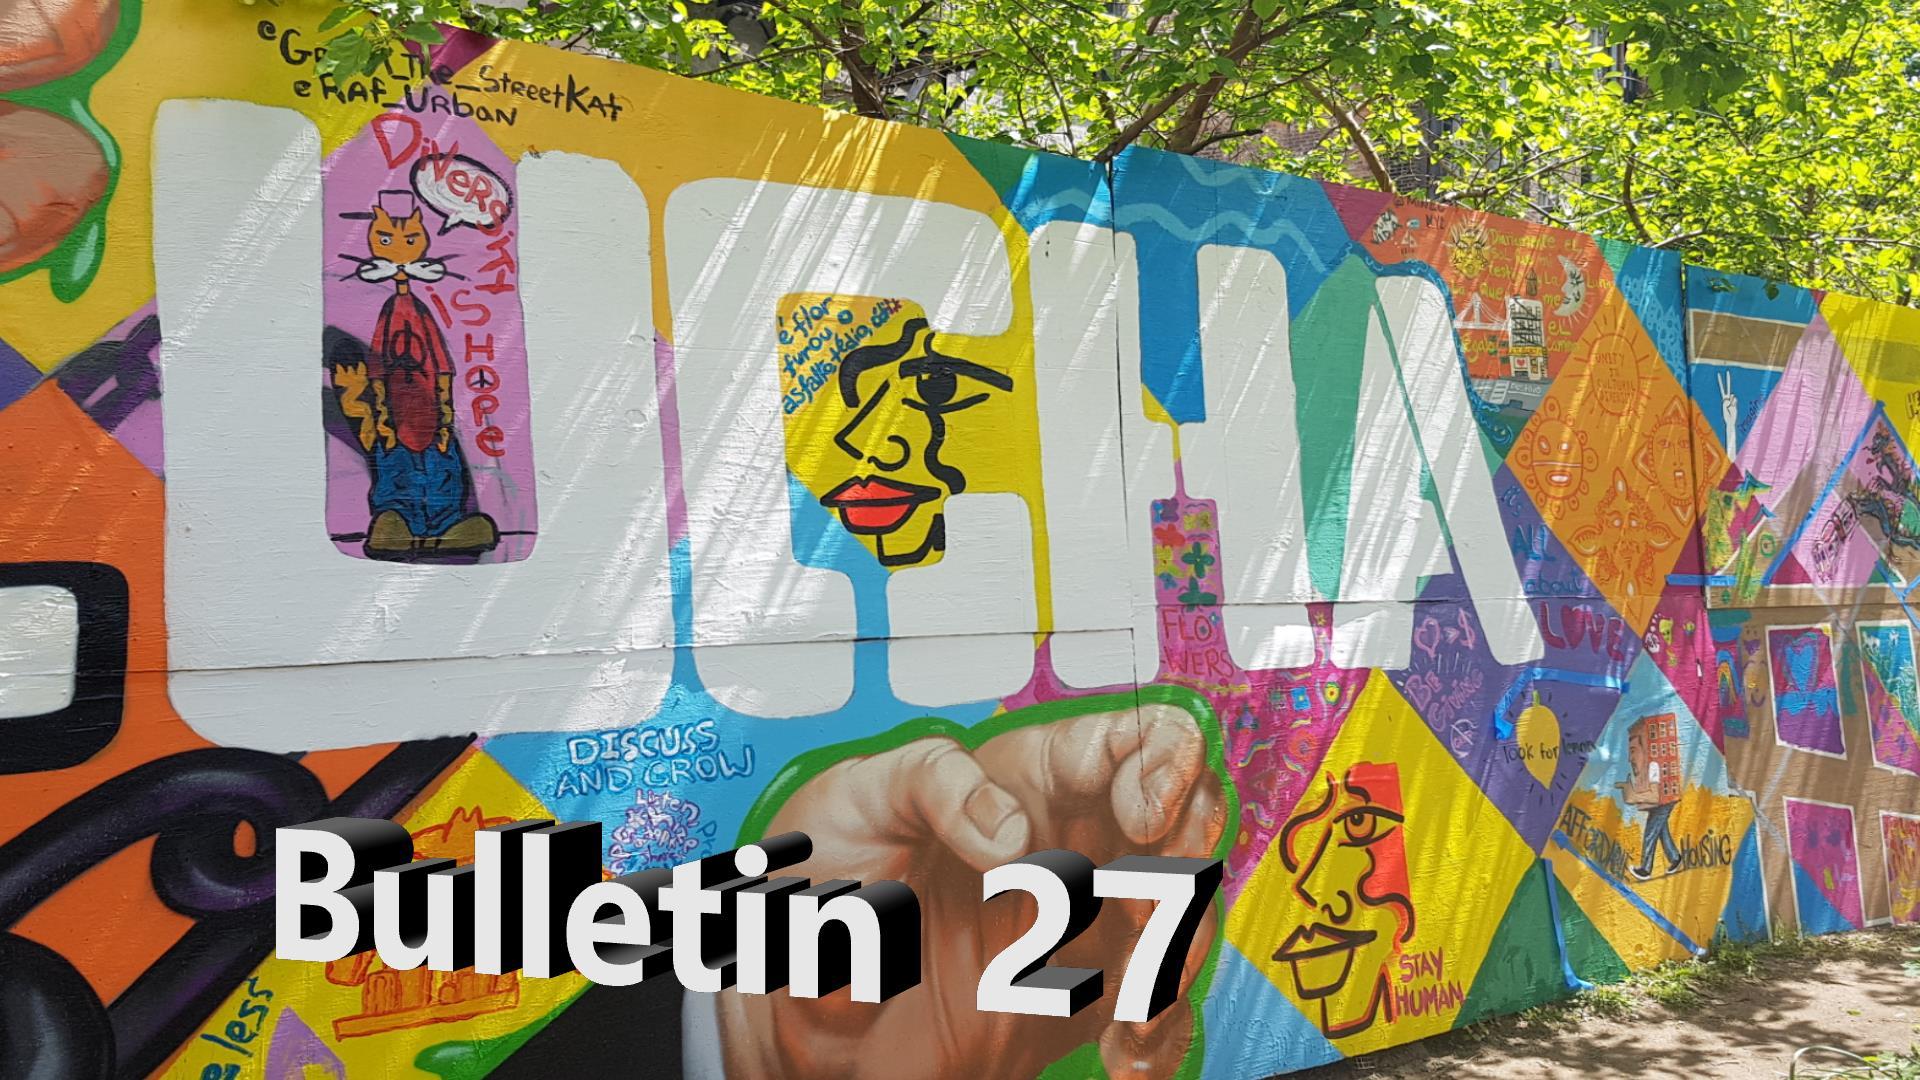 Bulletin 27, June 16